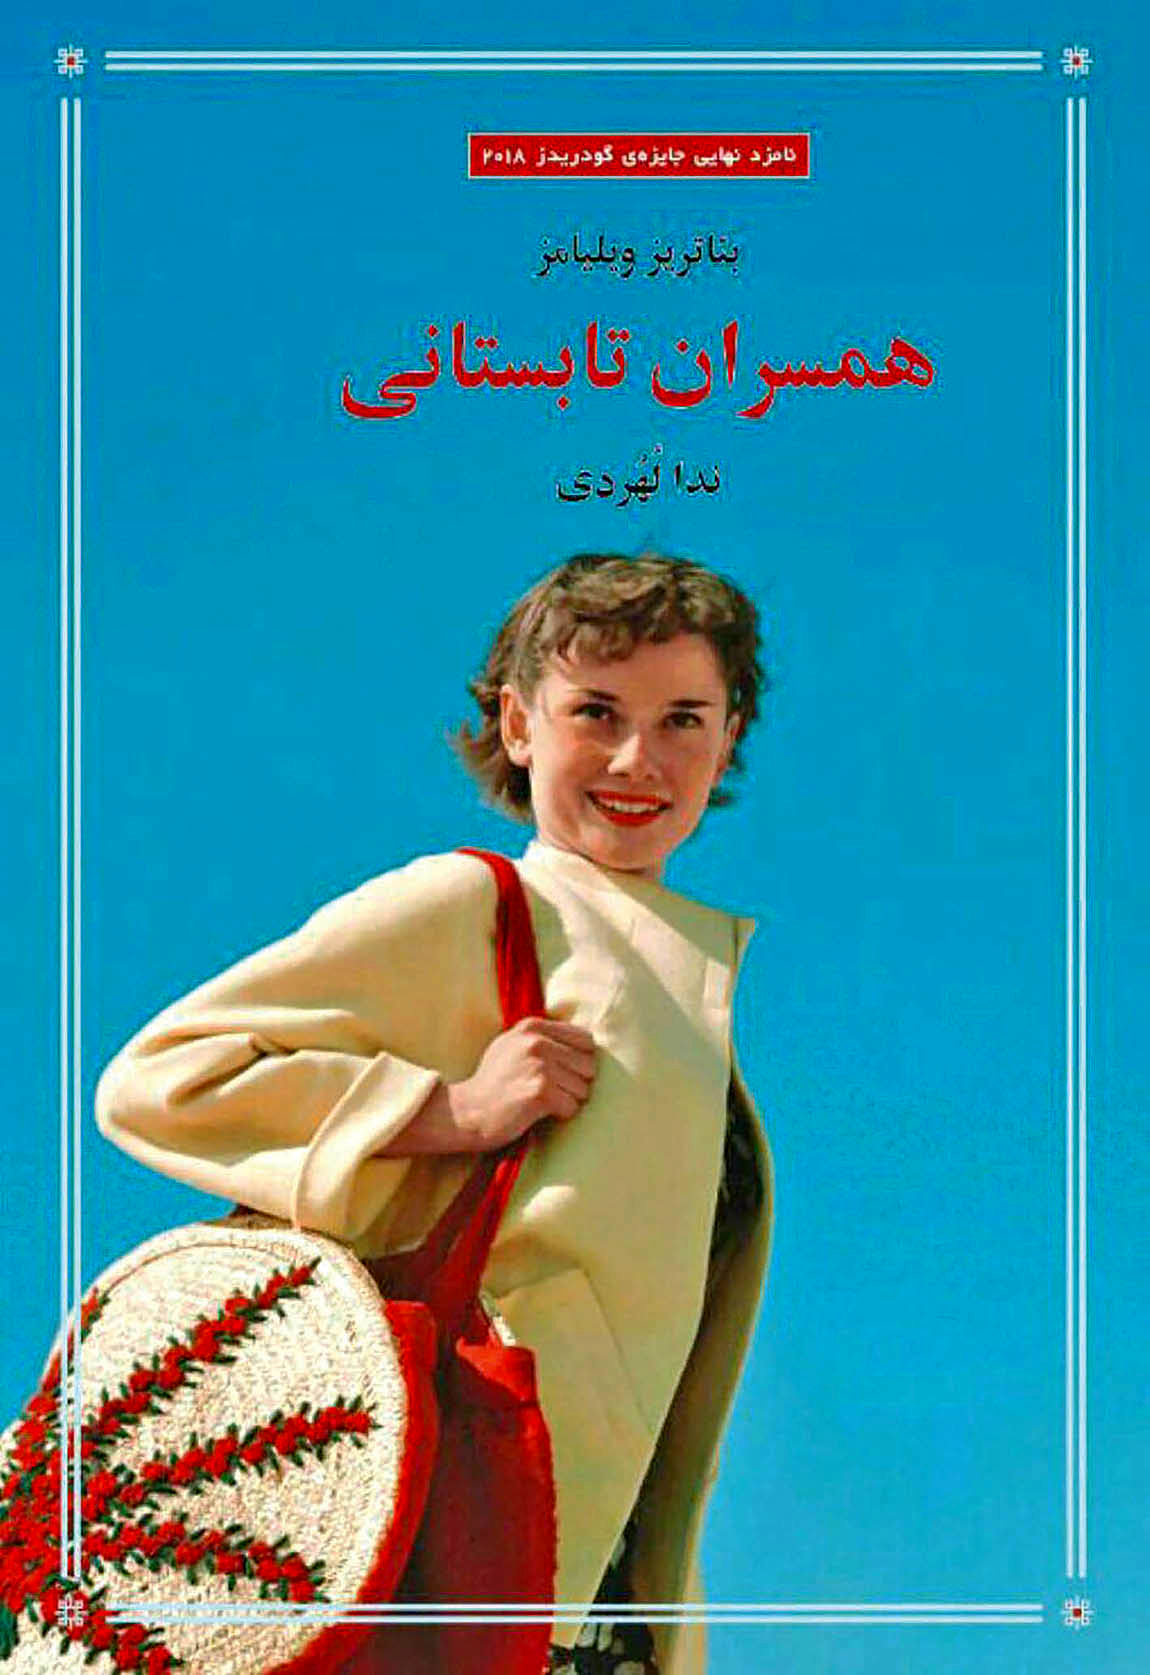 روایتی جذاب از «همسران تابستانی»در کتابفروشیها